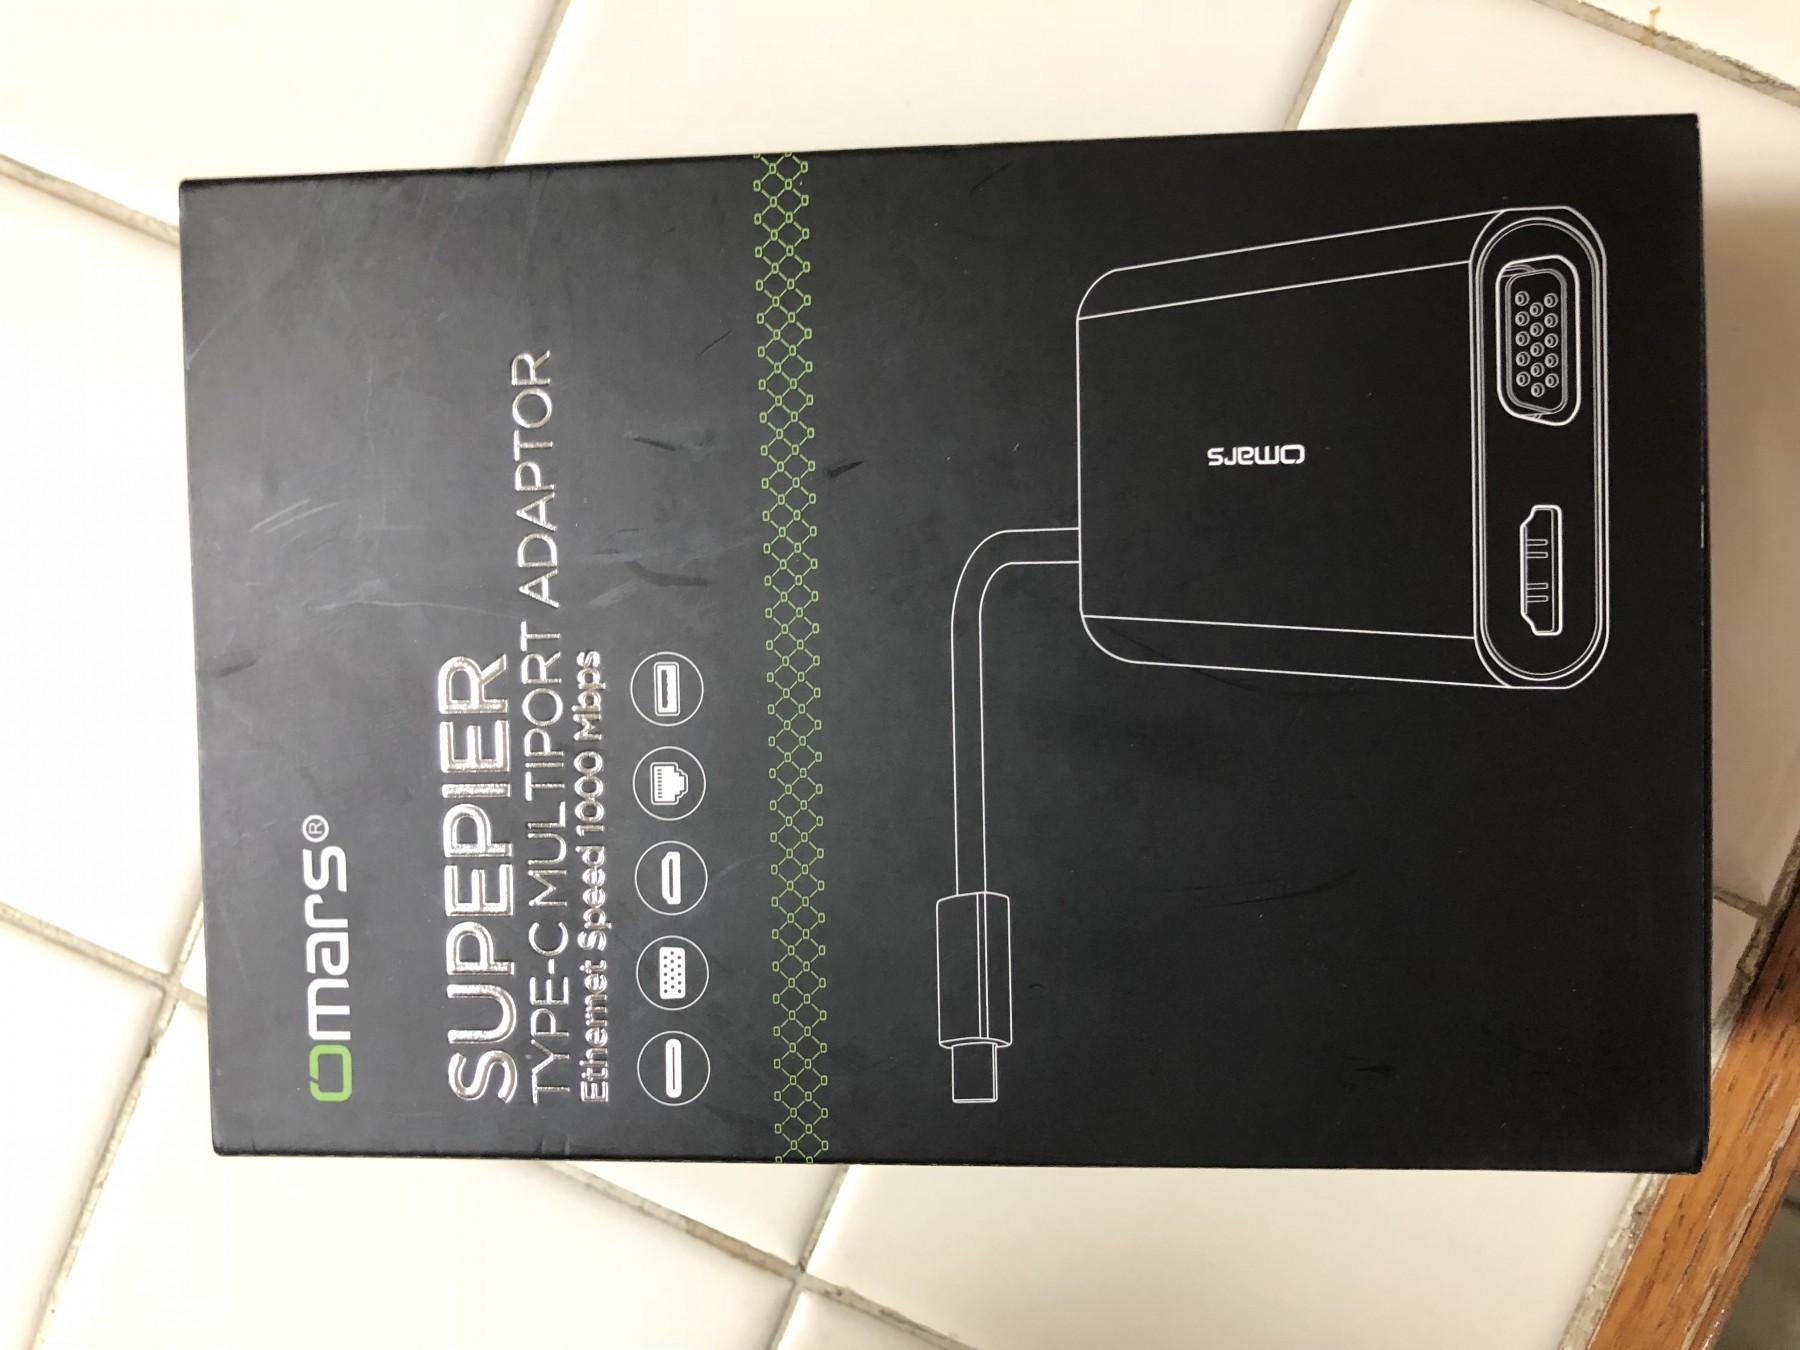 6-in-1 USB C Hub